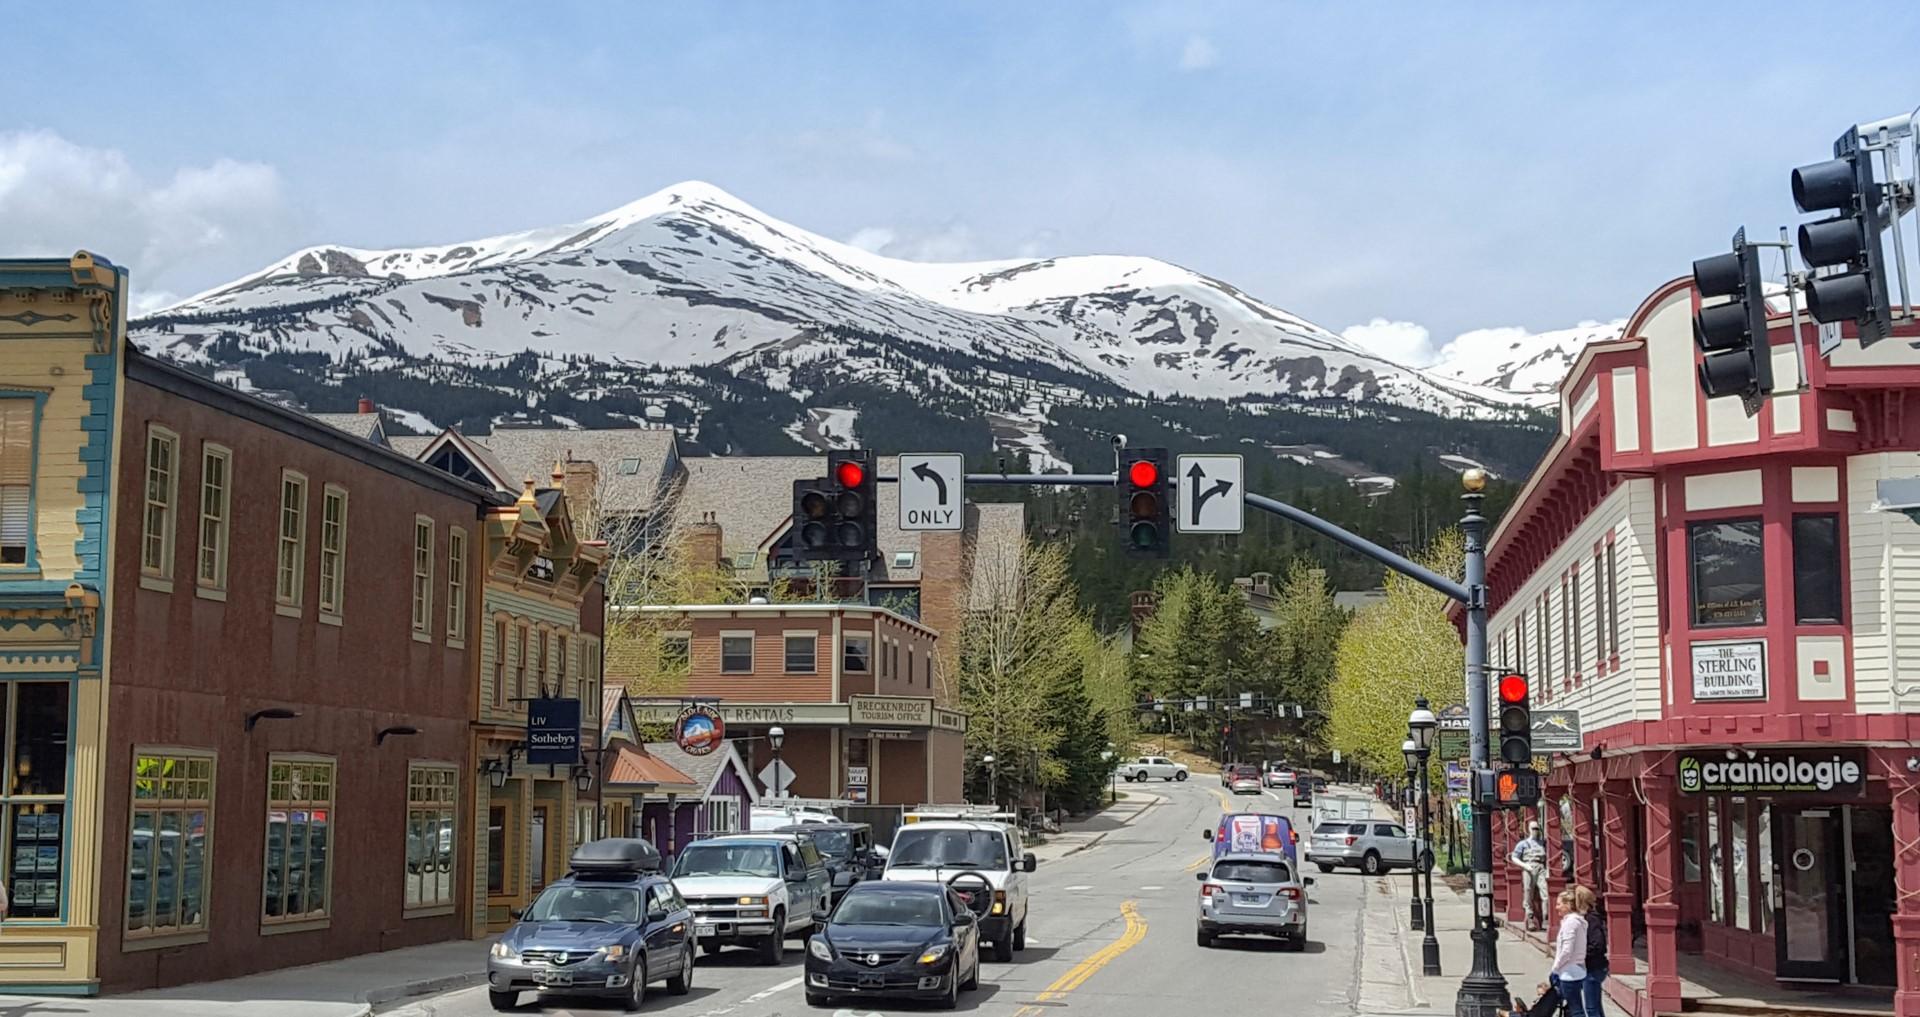 Downtown Breckenridge (Photo Tammy Powell)